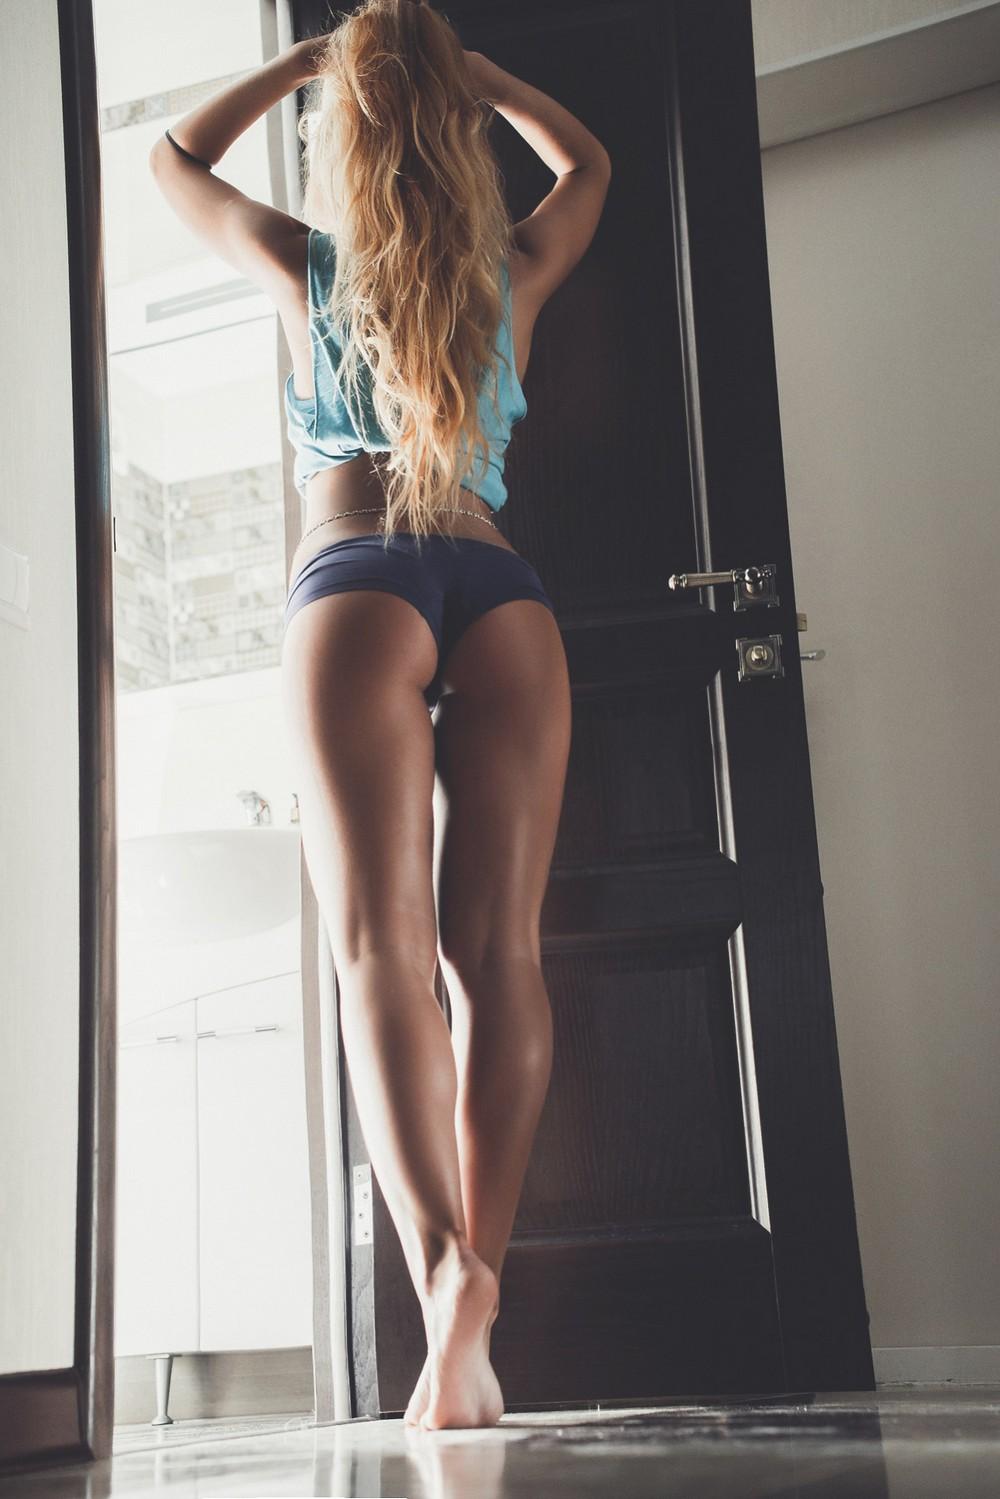 Блондинка в нижнем белье со спины вид со спины кларк все фото